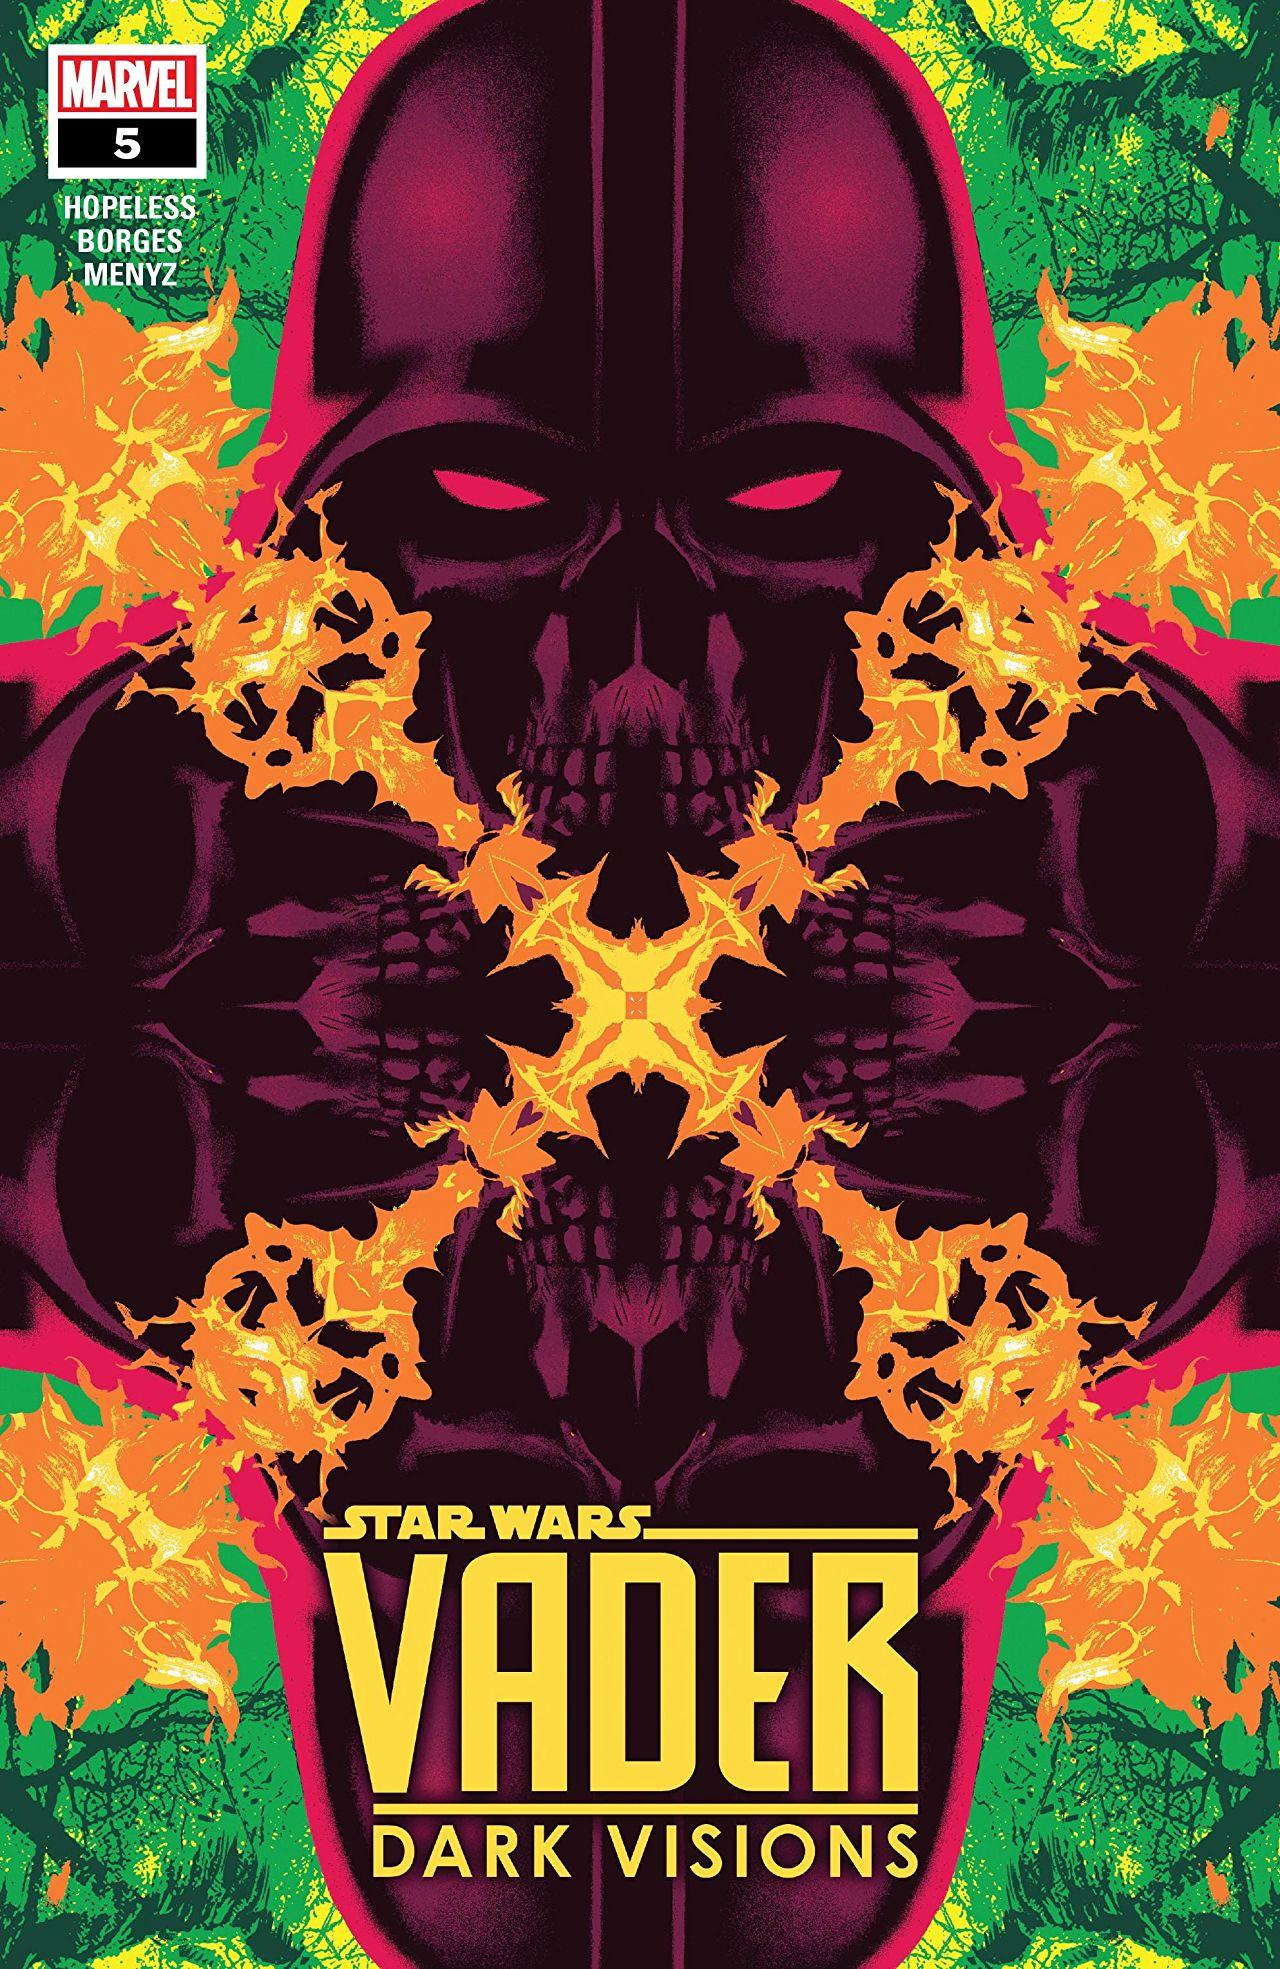 Vader - Dark Visions #5